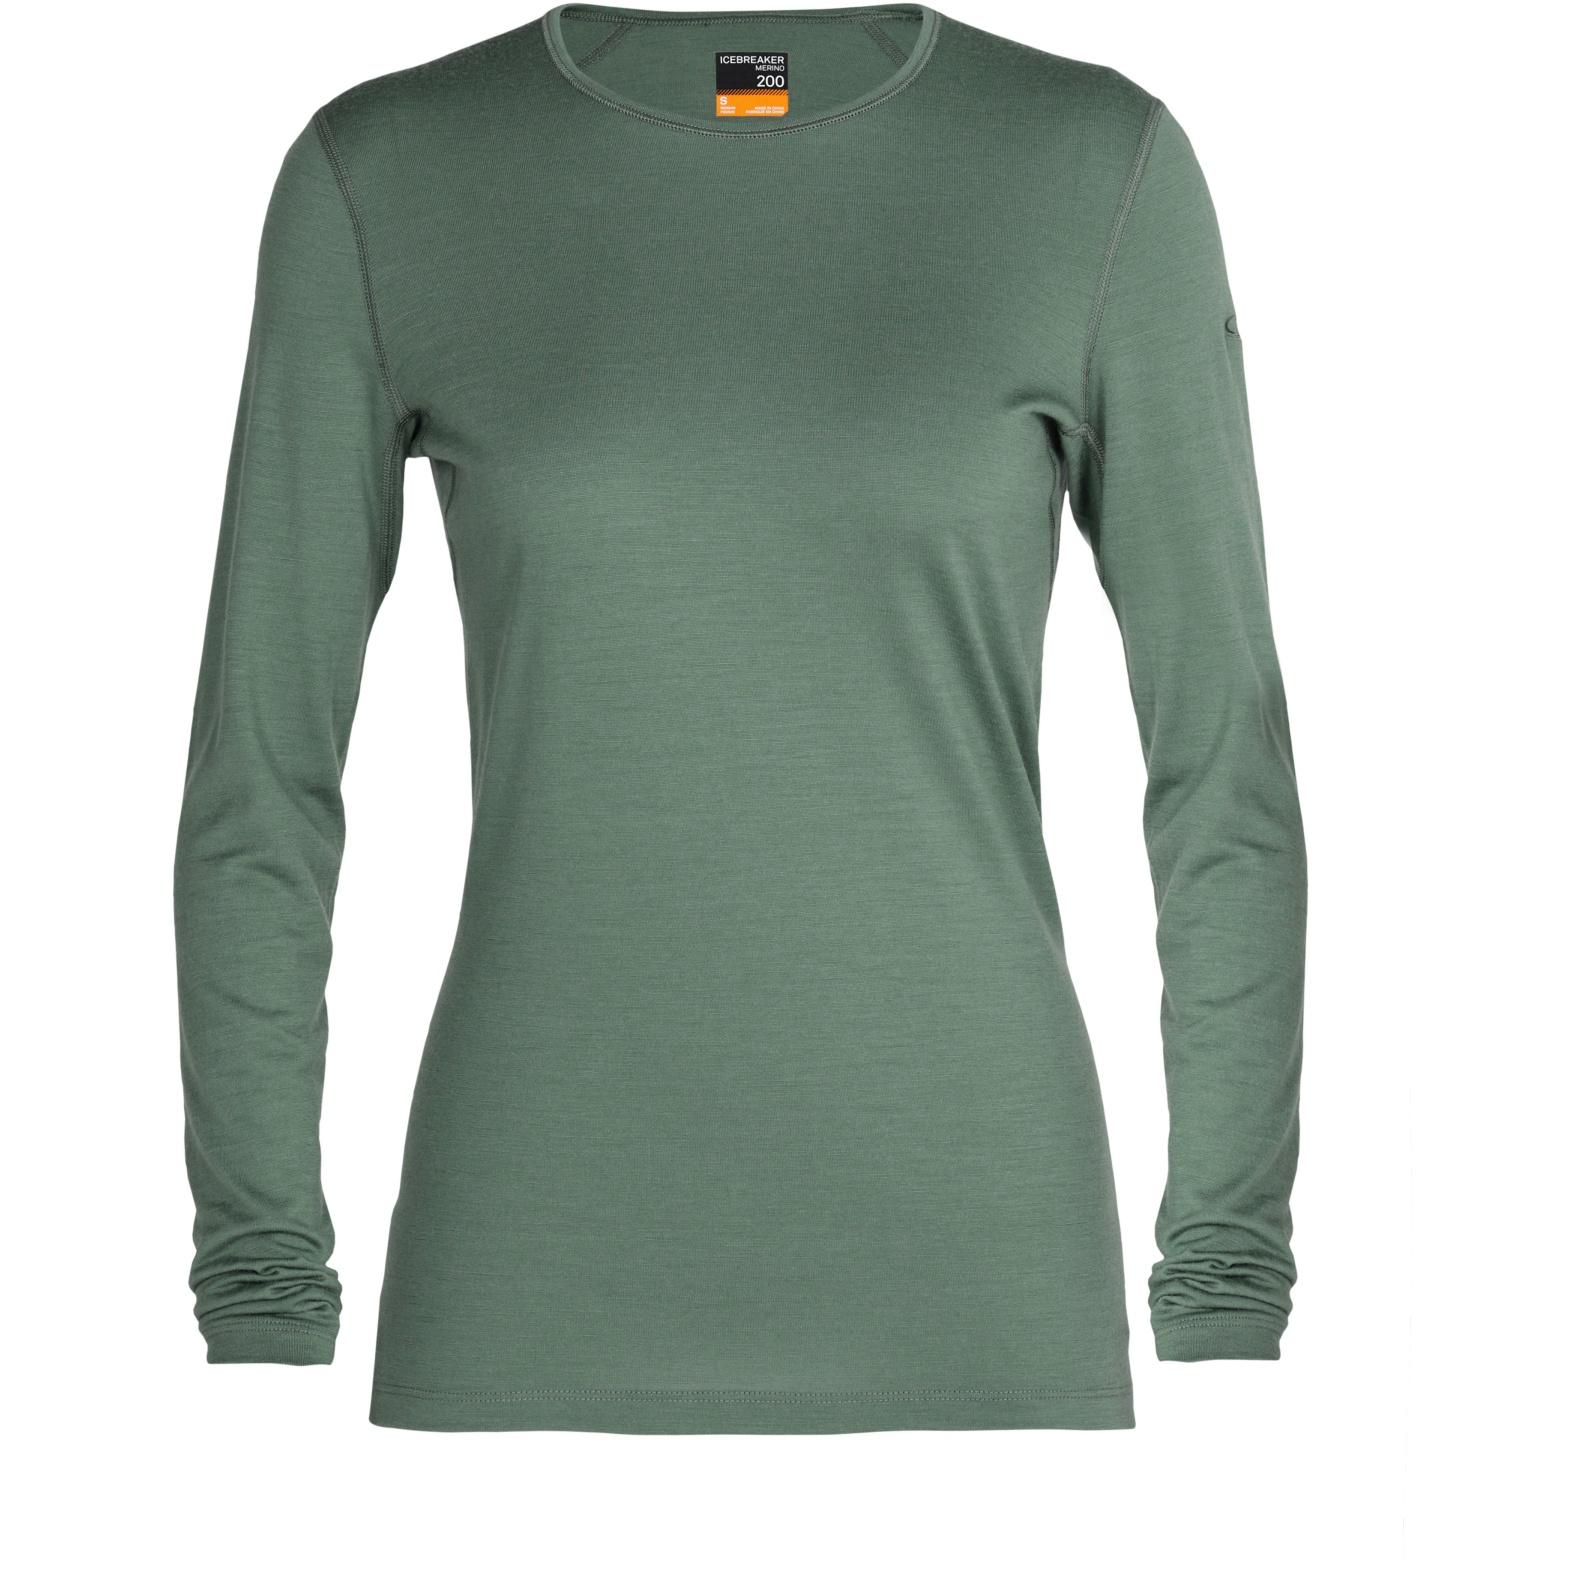 Produktbild von Icebreaker 200 Oasis Crewe Damen Langarmshirt - Sage